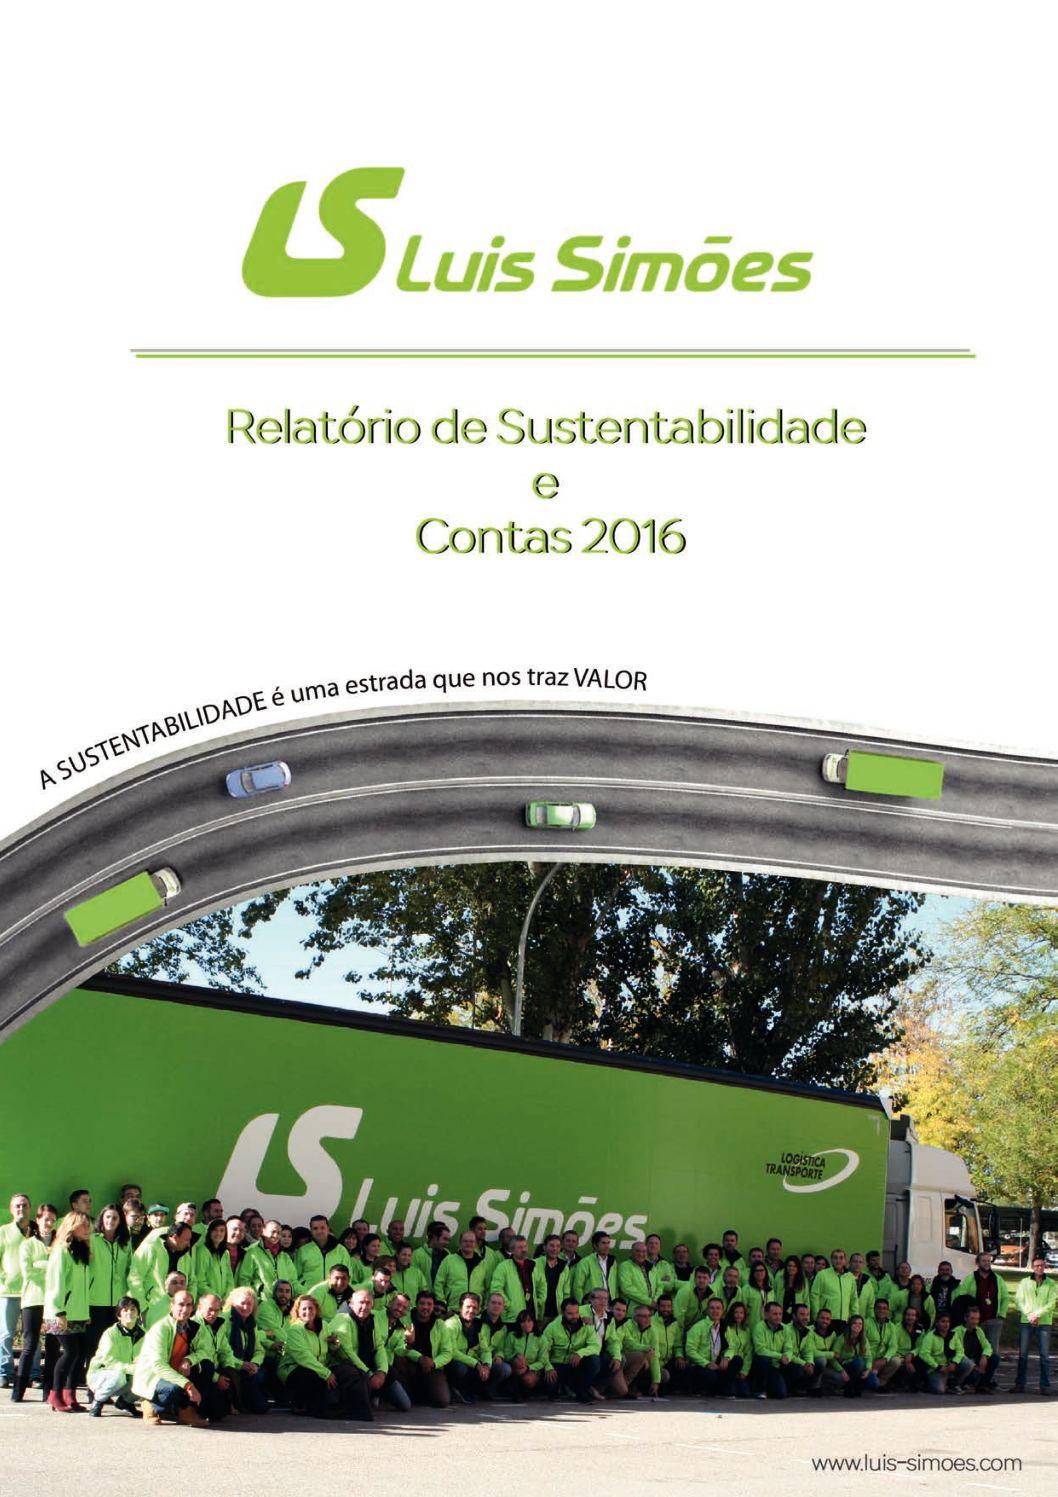 Relatório de Sustentabilidade LS 2016